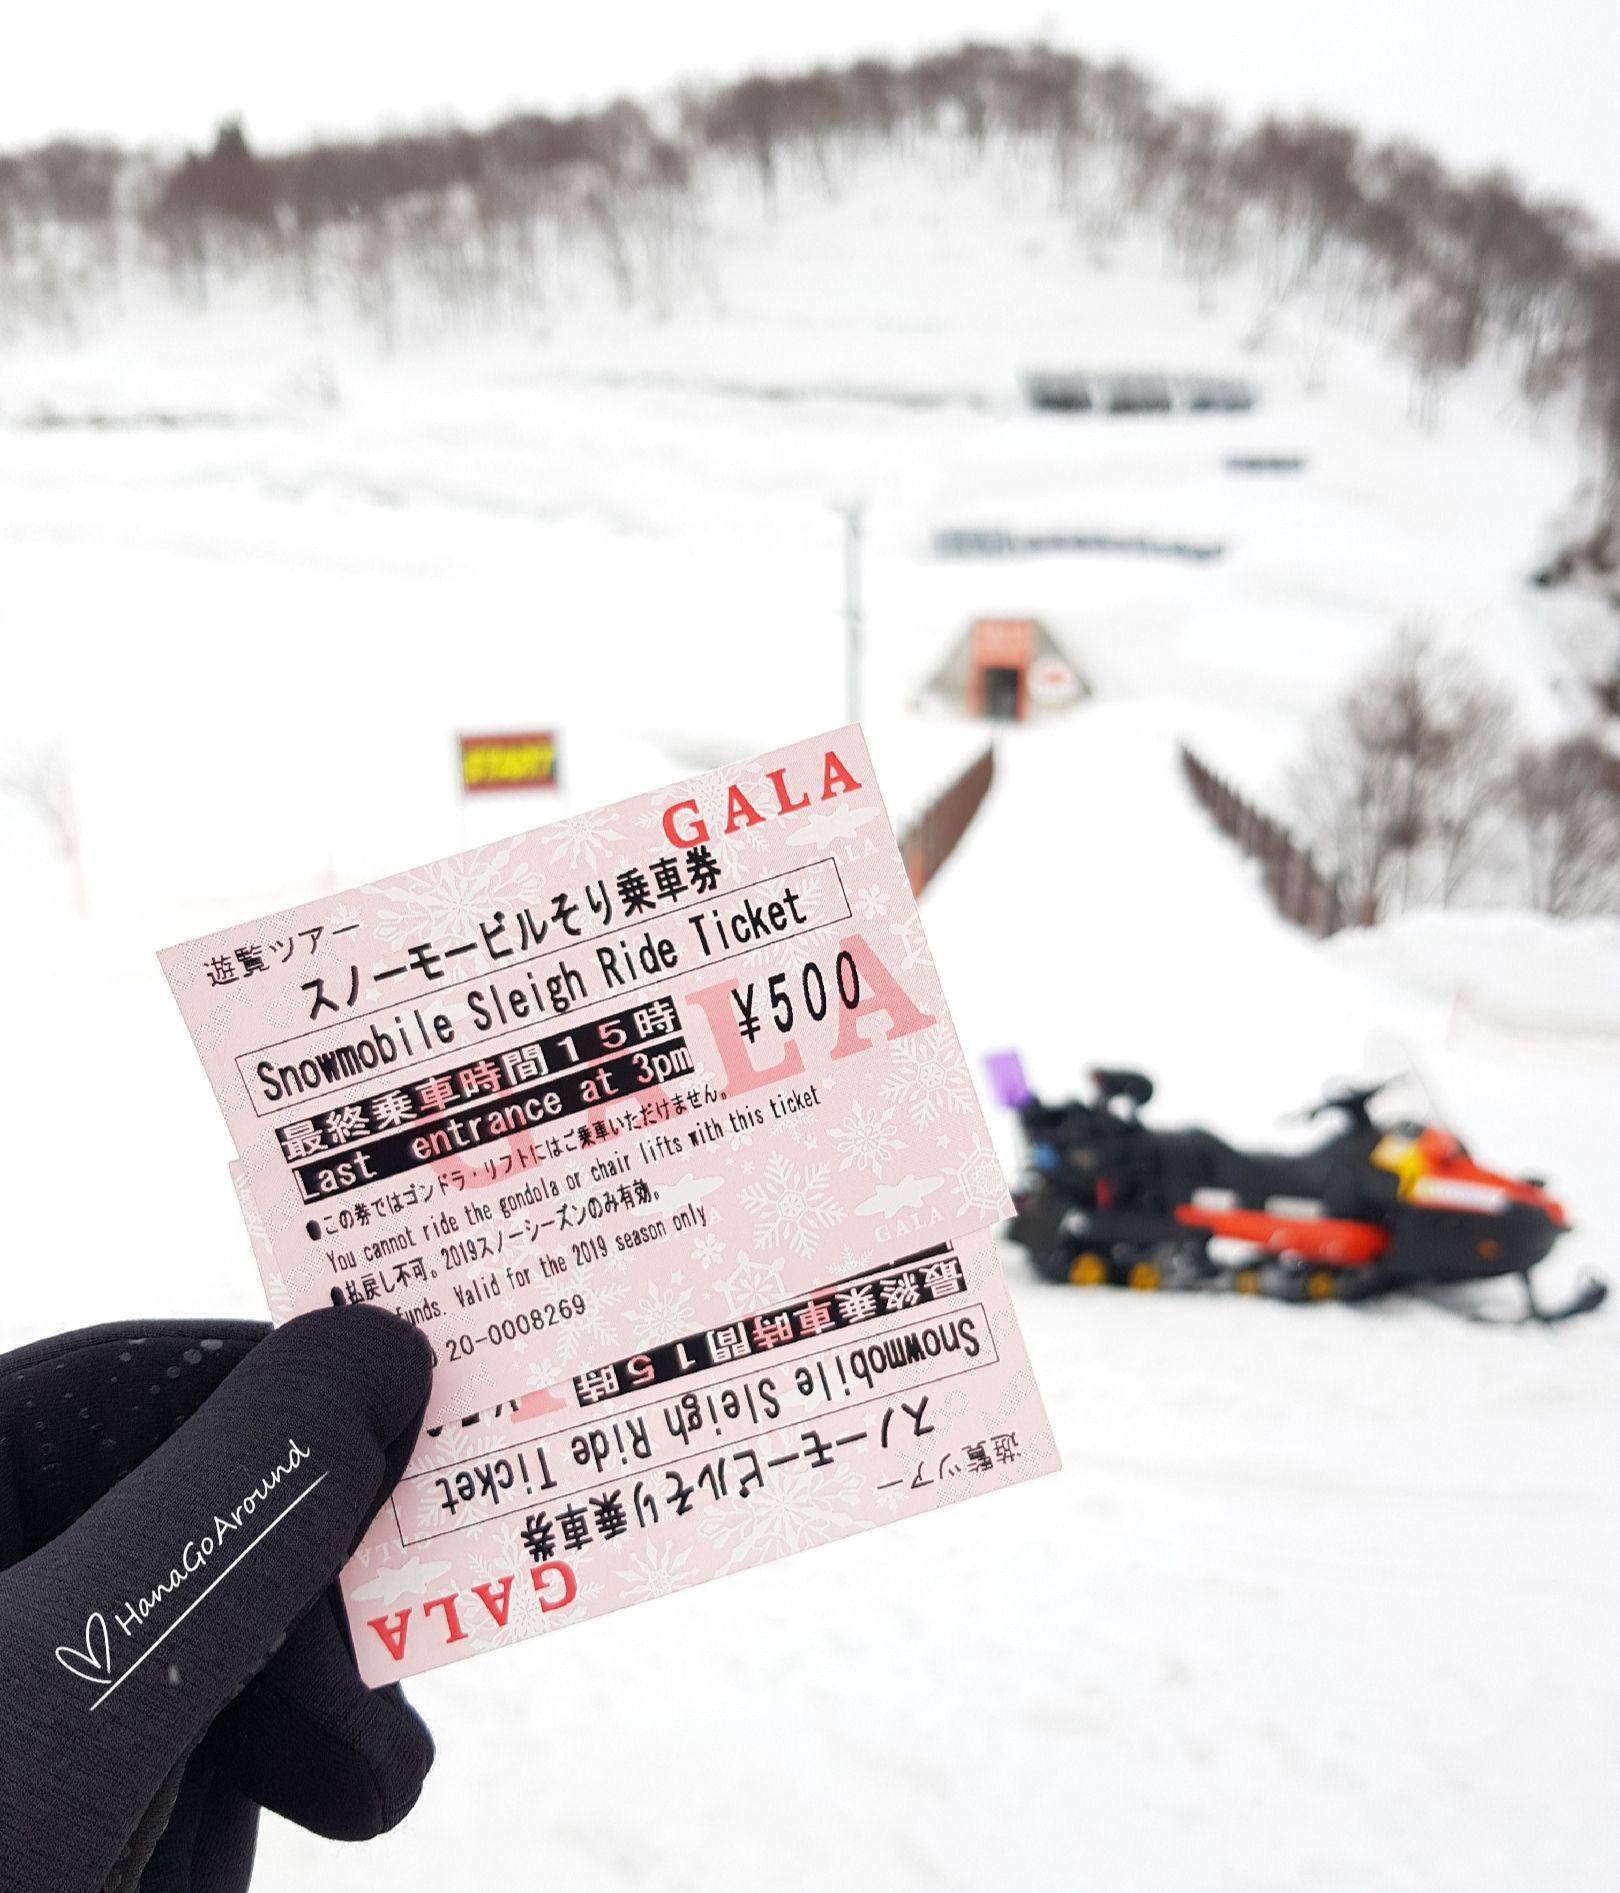 รีวิวเที่ยวเมืองหิมะ เล่นสโนว์สุดฟิน in Gala Yuzawa Snow Resort ที่เมืองเอจิโหงะ-ยูซาว่า (Echigo-Yuzawa)